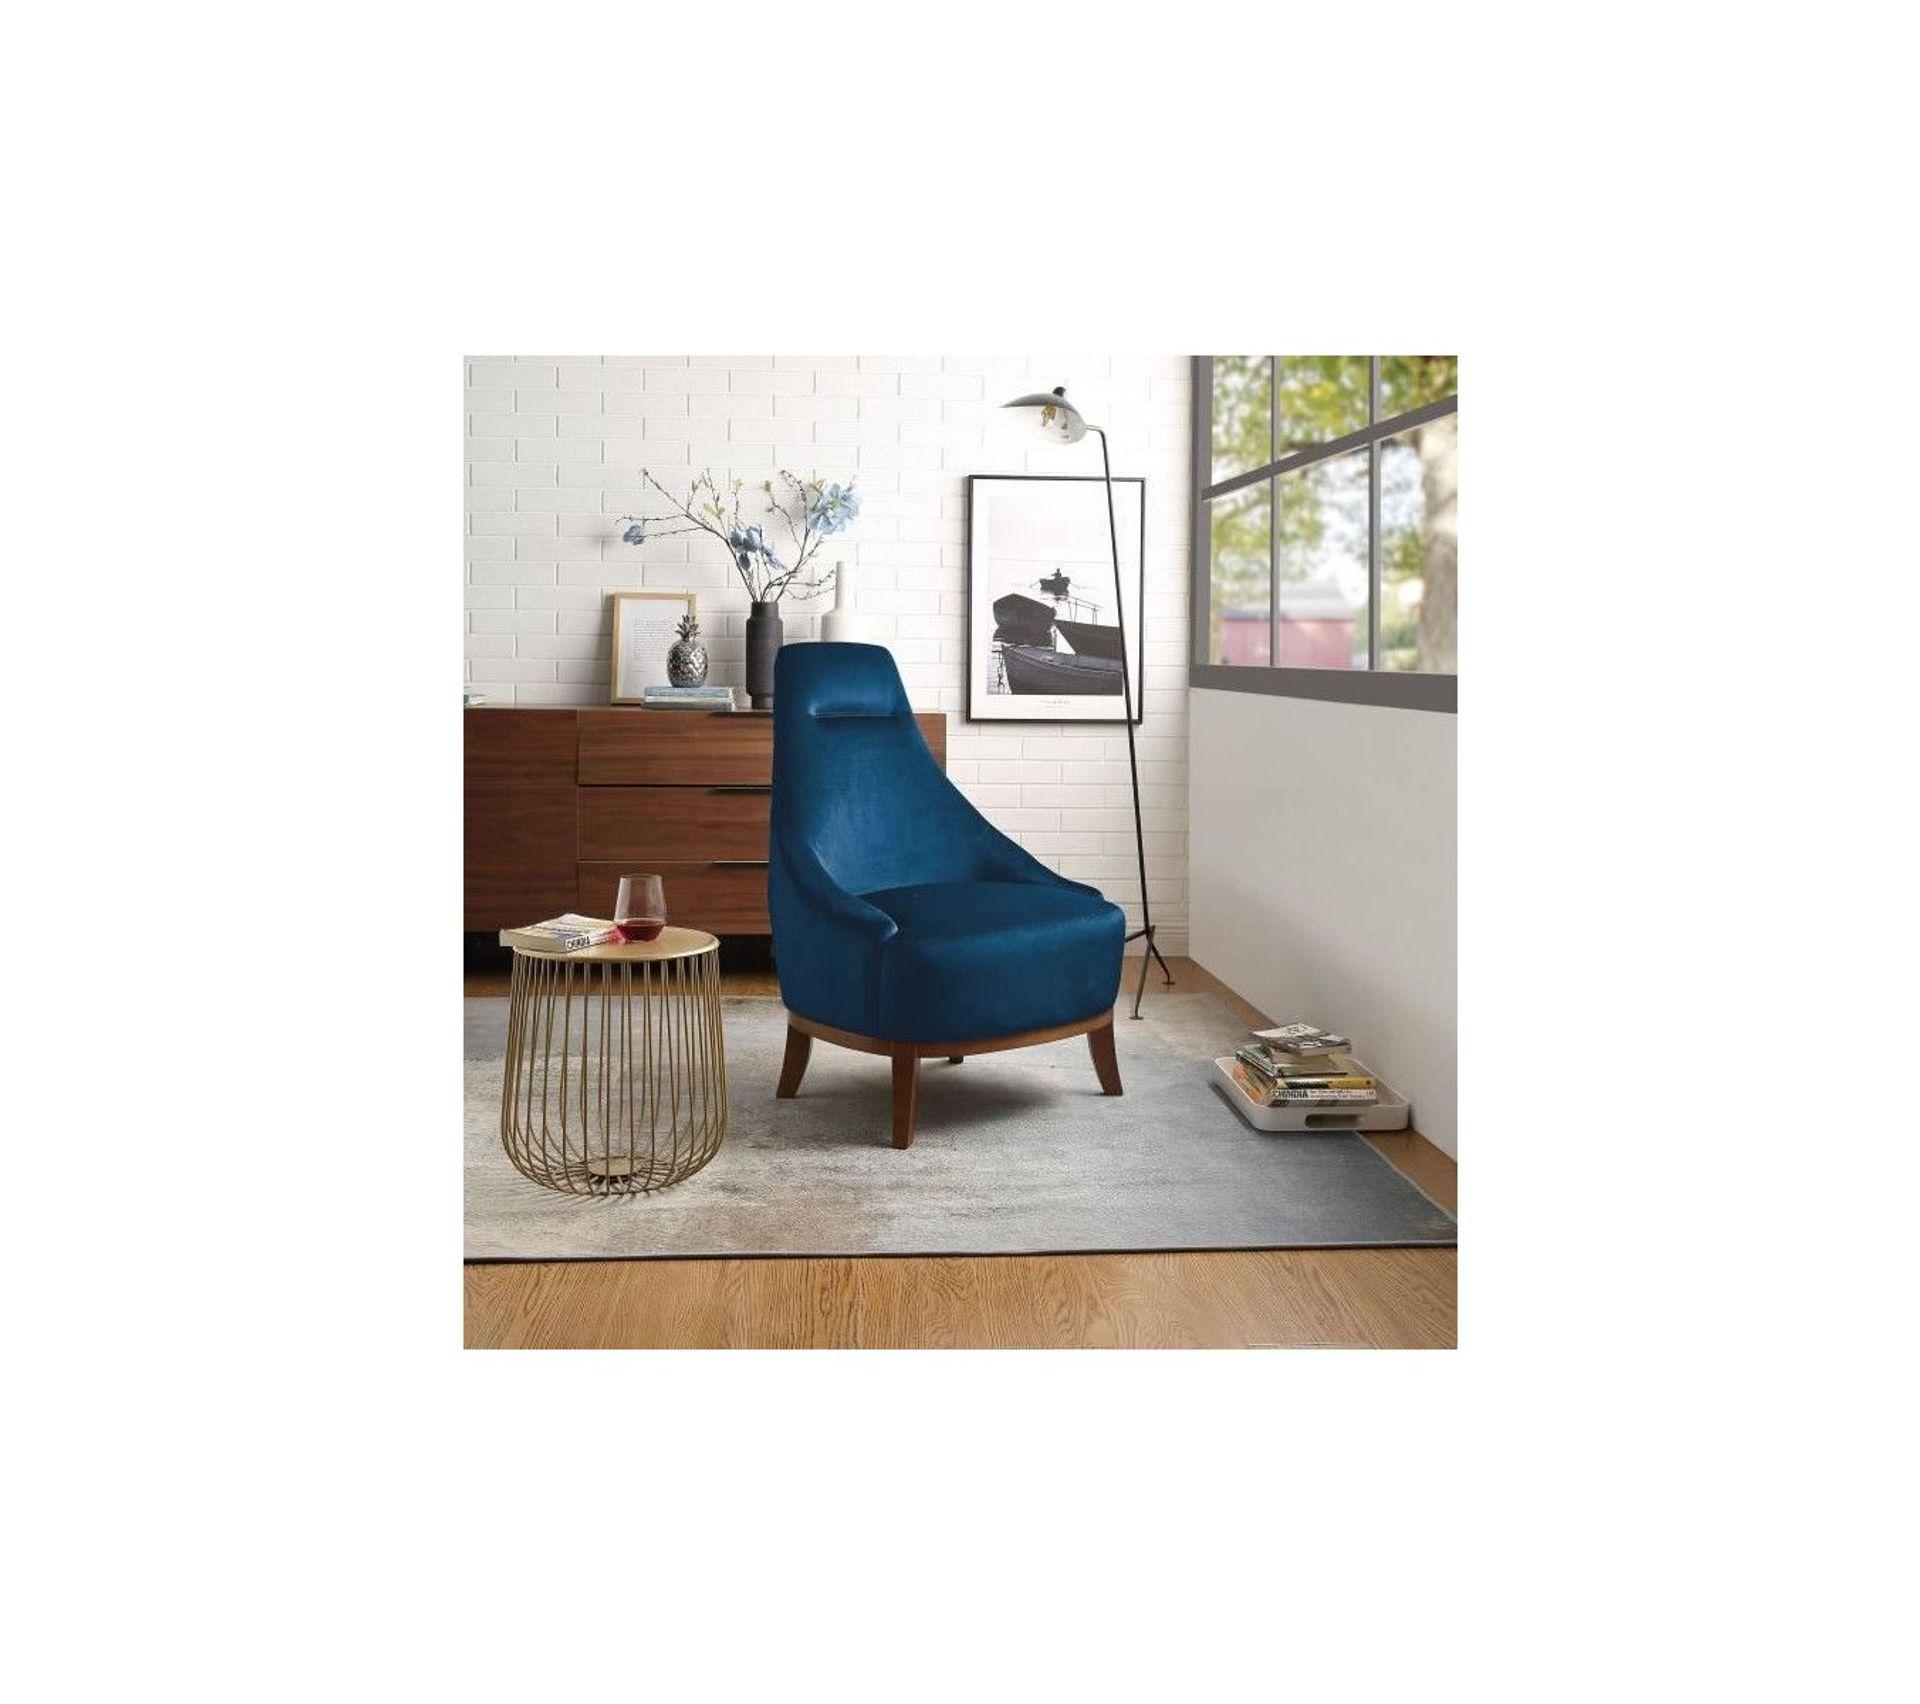 Joseph Fauteuil Pieds Bois Velours Bleu L 64 X P 71 X H 93 Cm